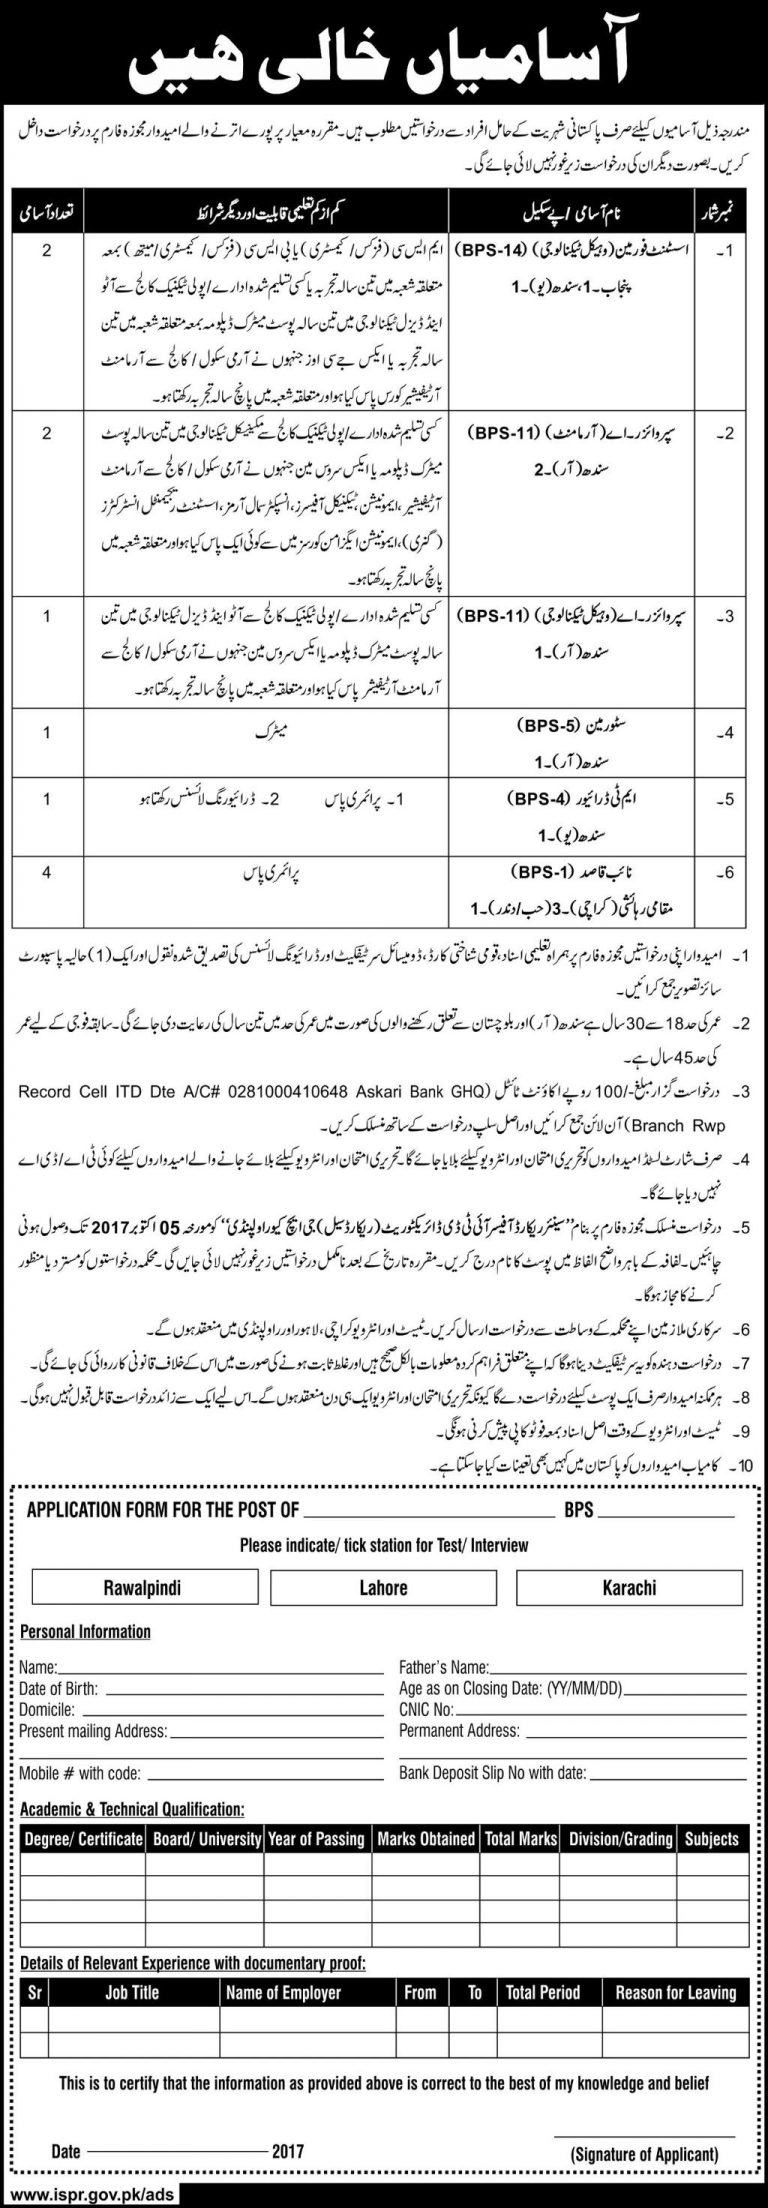 ITD Directorate GHQ Rawalpindi Jobs 2017 Application Form Download